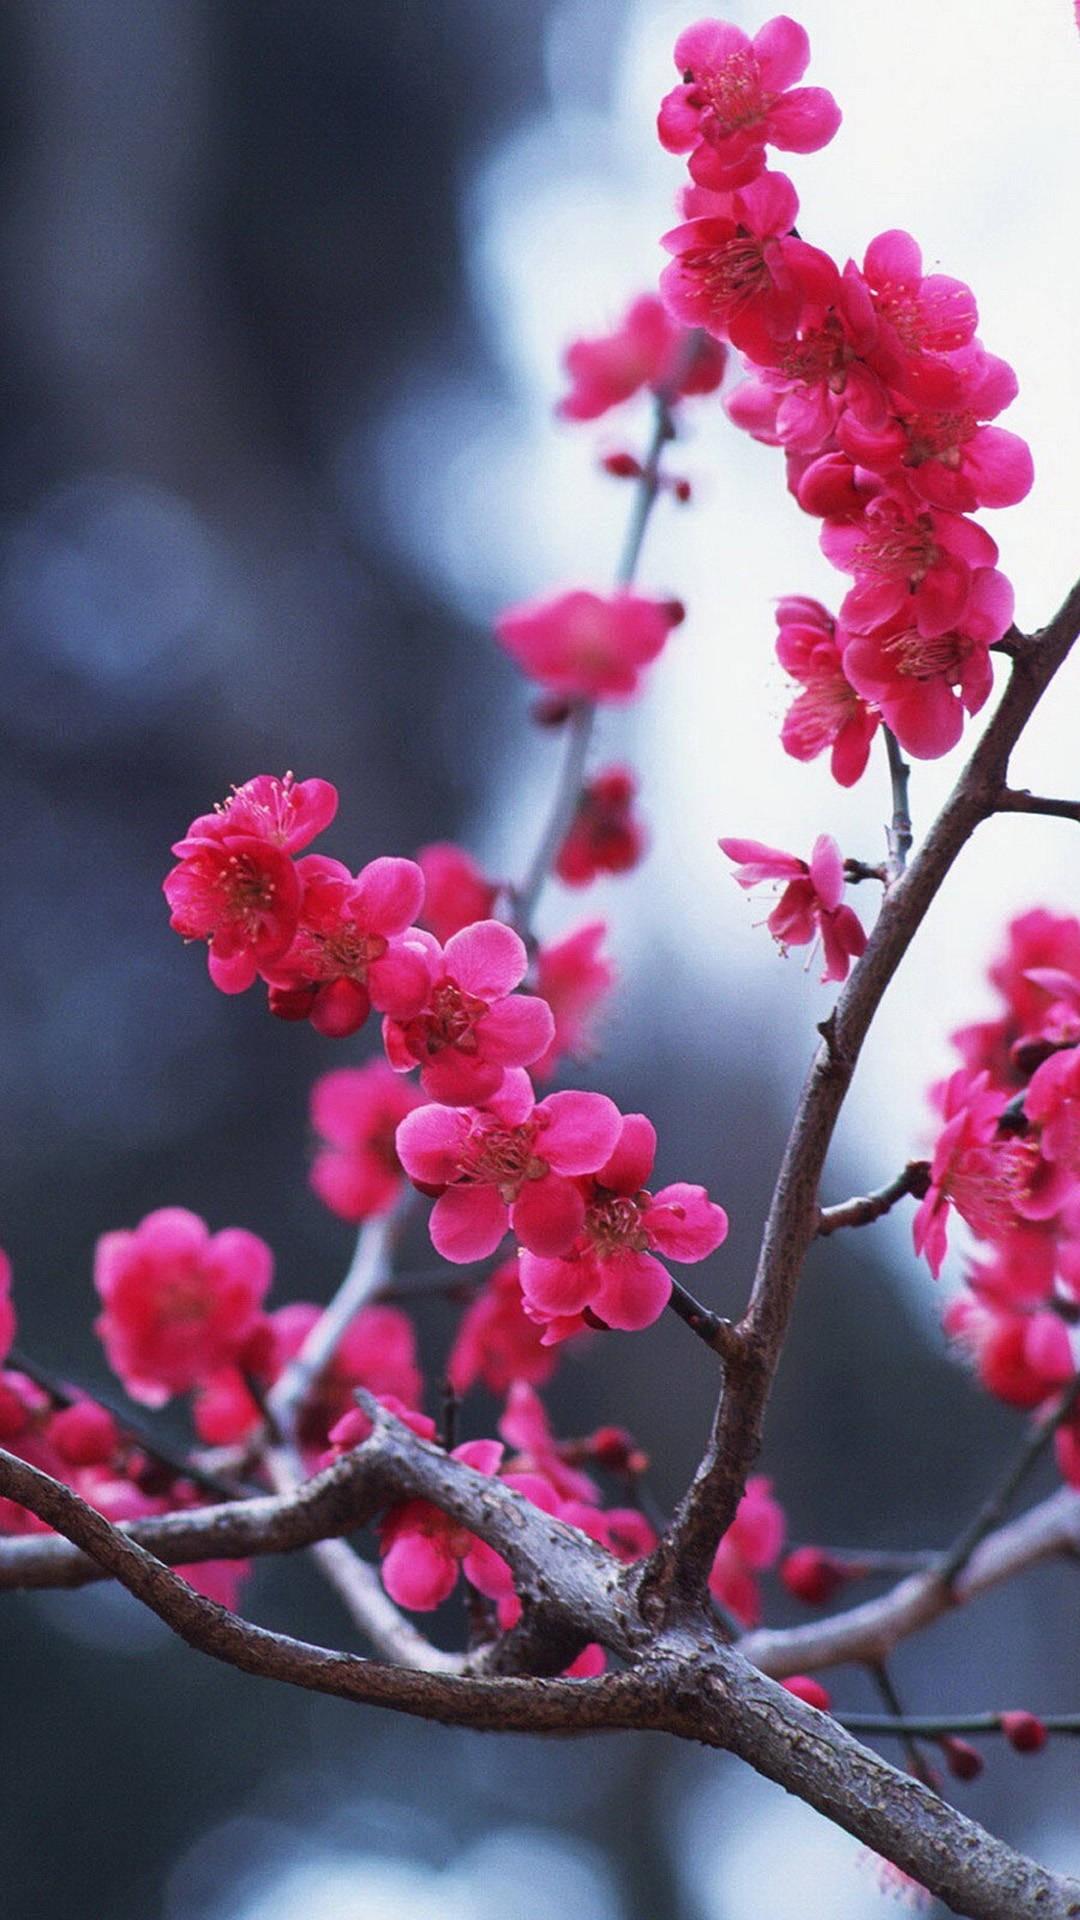 Cherry Blossom screensaver wallpaper